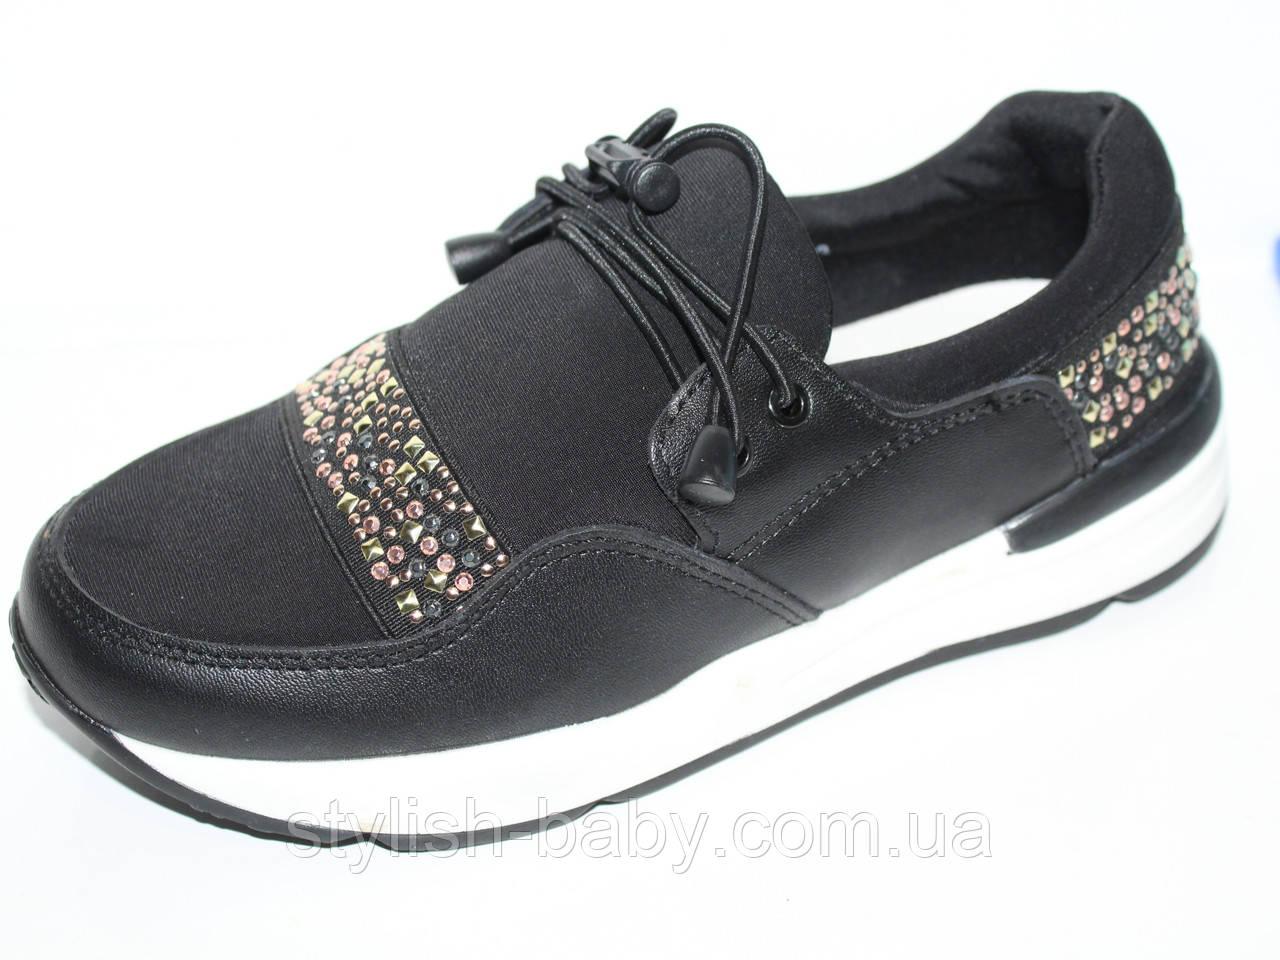 Детские кроссовки оптом. Детская спортивная обувь бренда Tom.m (Bi&Ki) для девочек (рр. с 32 по 37)